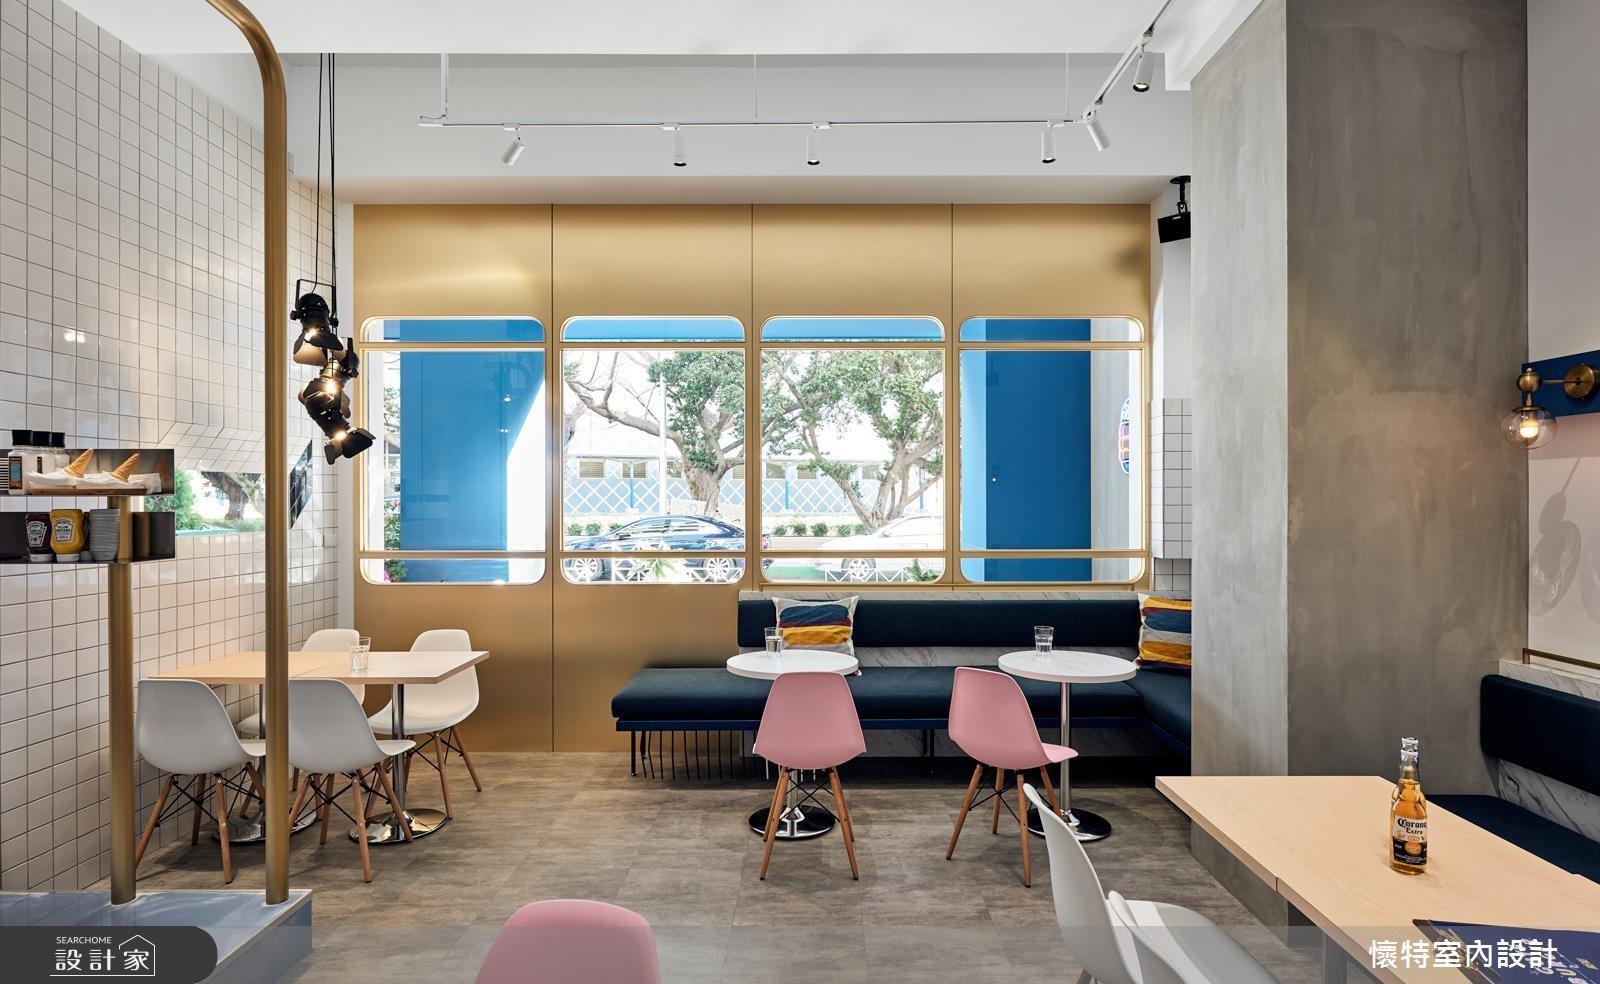 美式飲食也吹起韓風! 紐約地鐵+幾何圖形+粉色妝點 再造熱門景點關鍵字